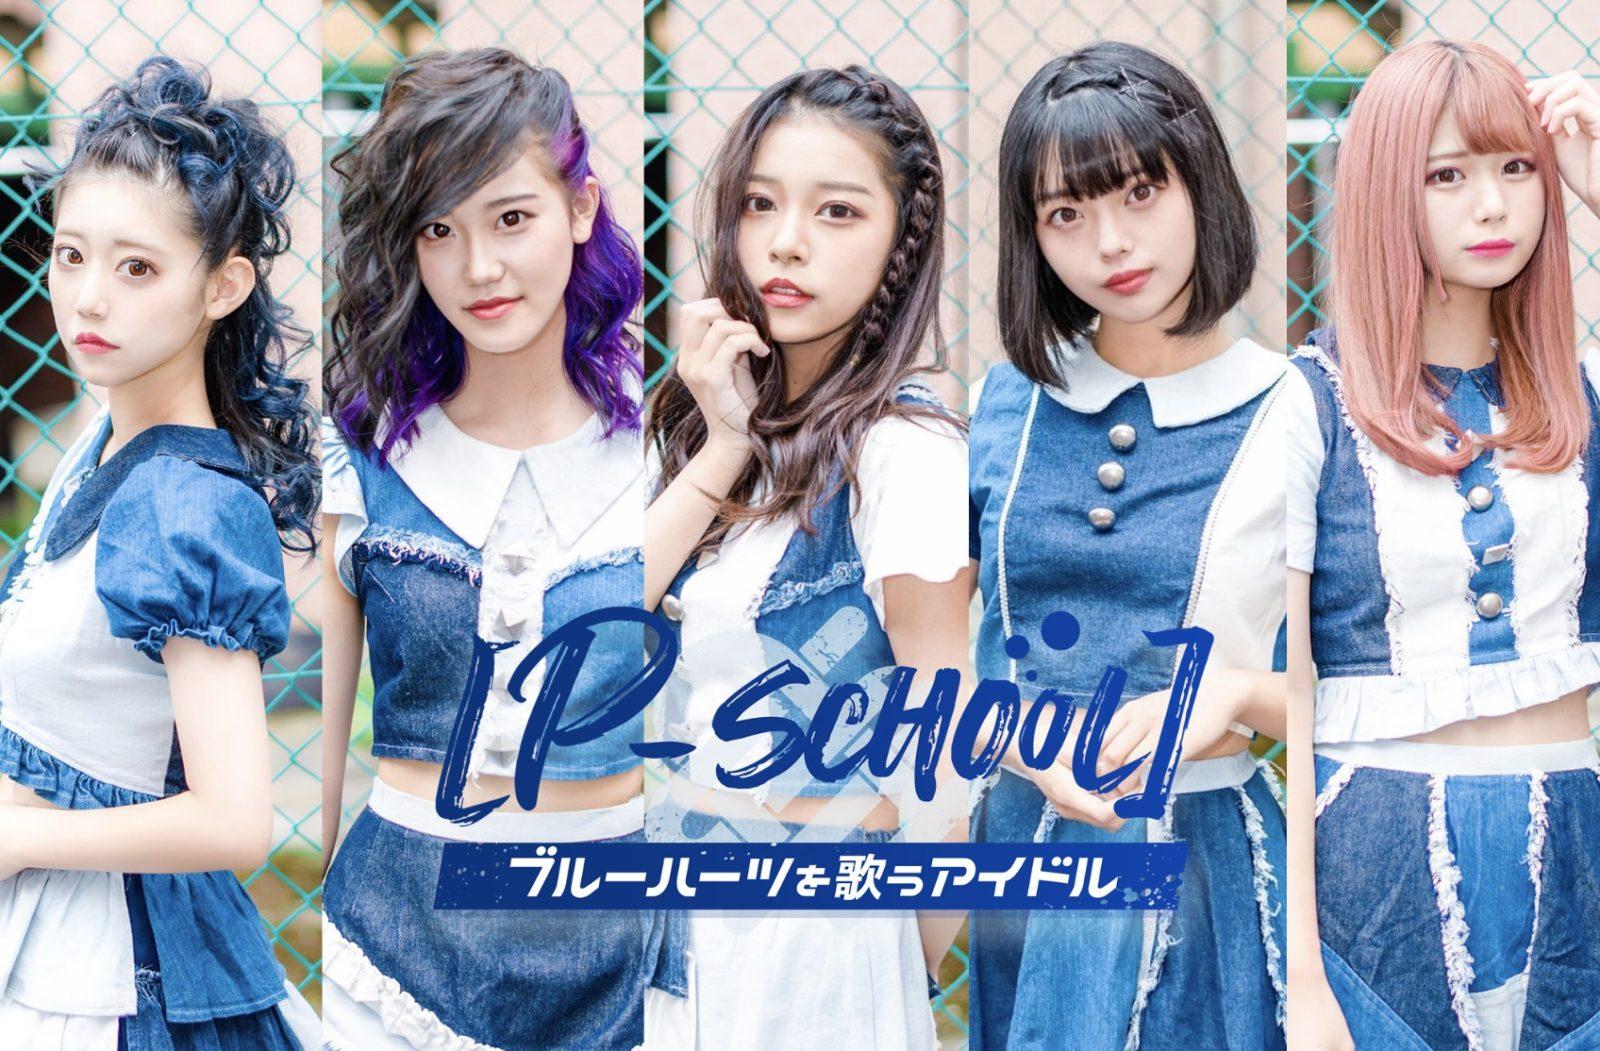 ブルーハーツを歌うアイドル【P-school】が無料ワンマン開催!!サムネイル画像